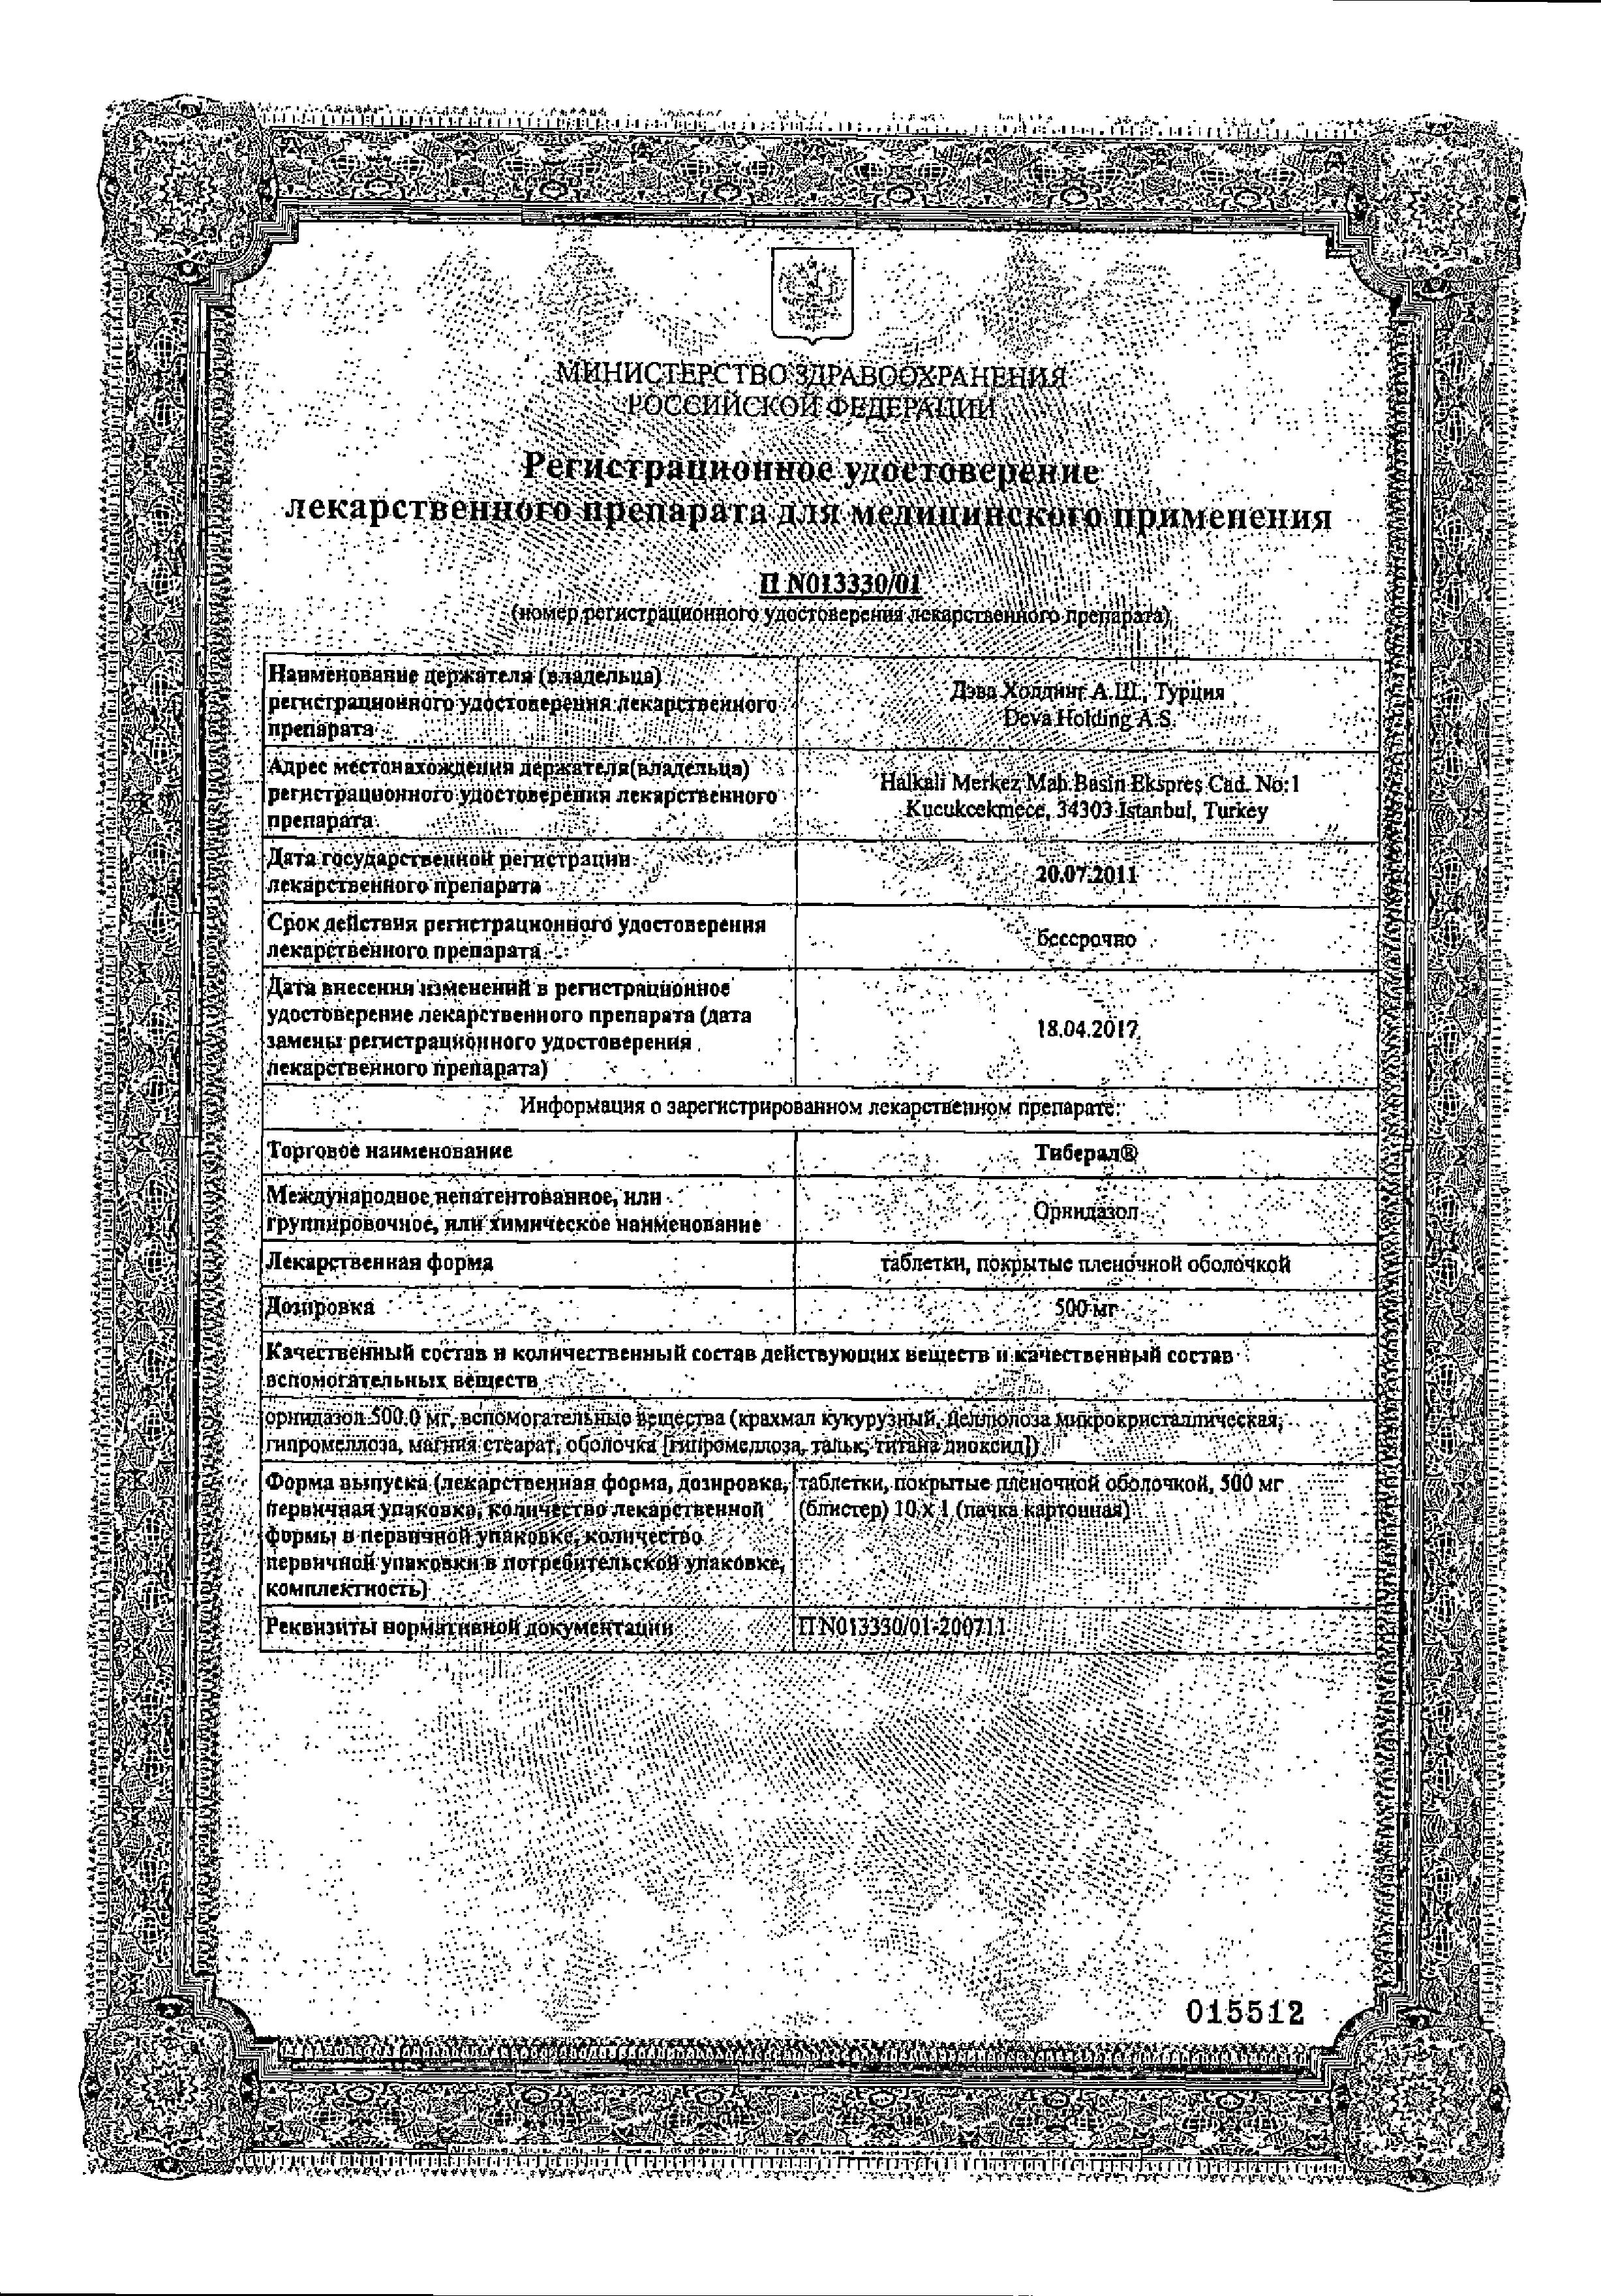 Тиберал сертификат